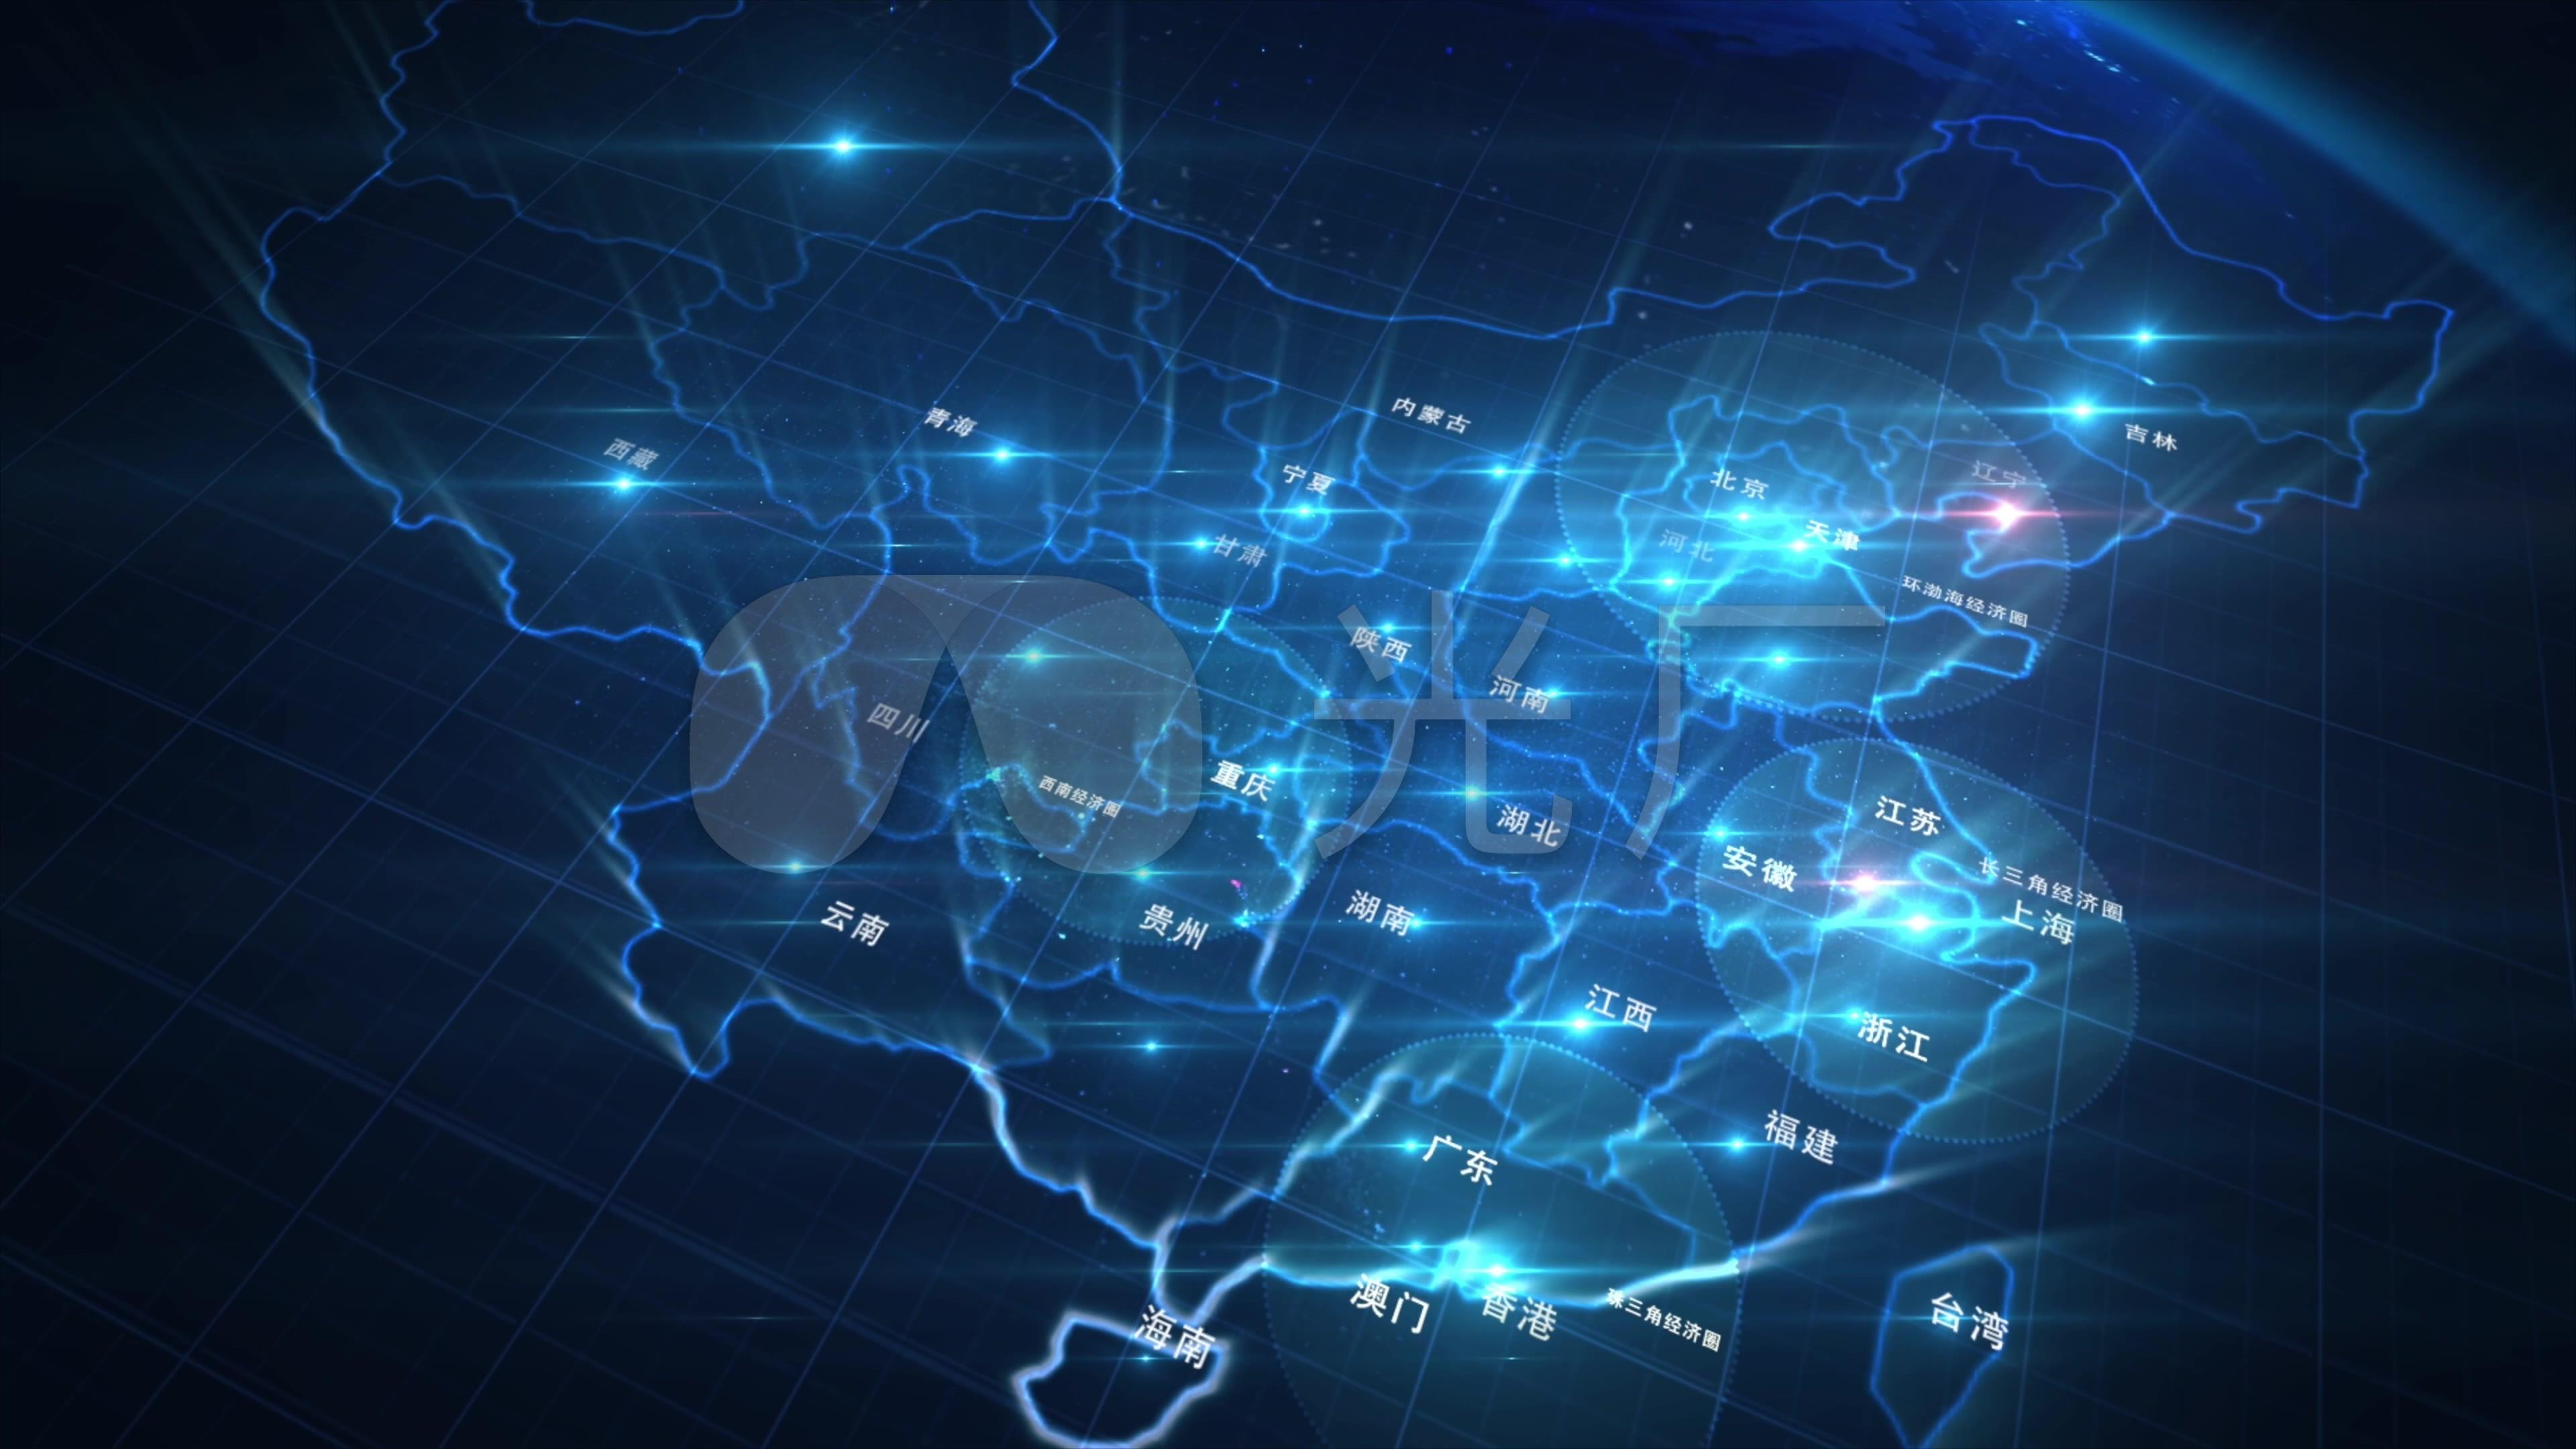 酷炫创意宇宙流星坠落渲染中国地图城市名字